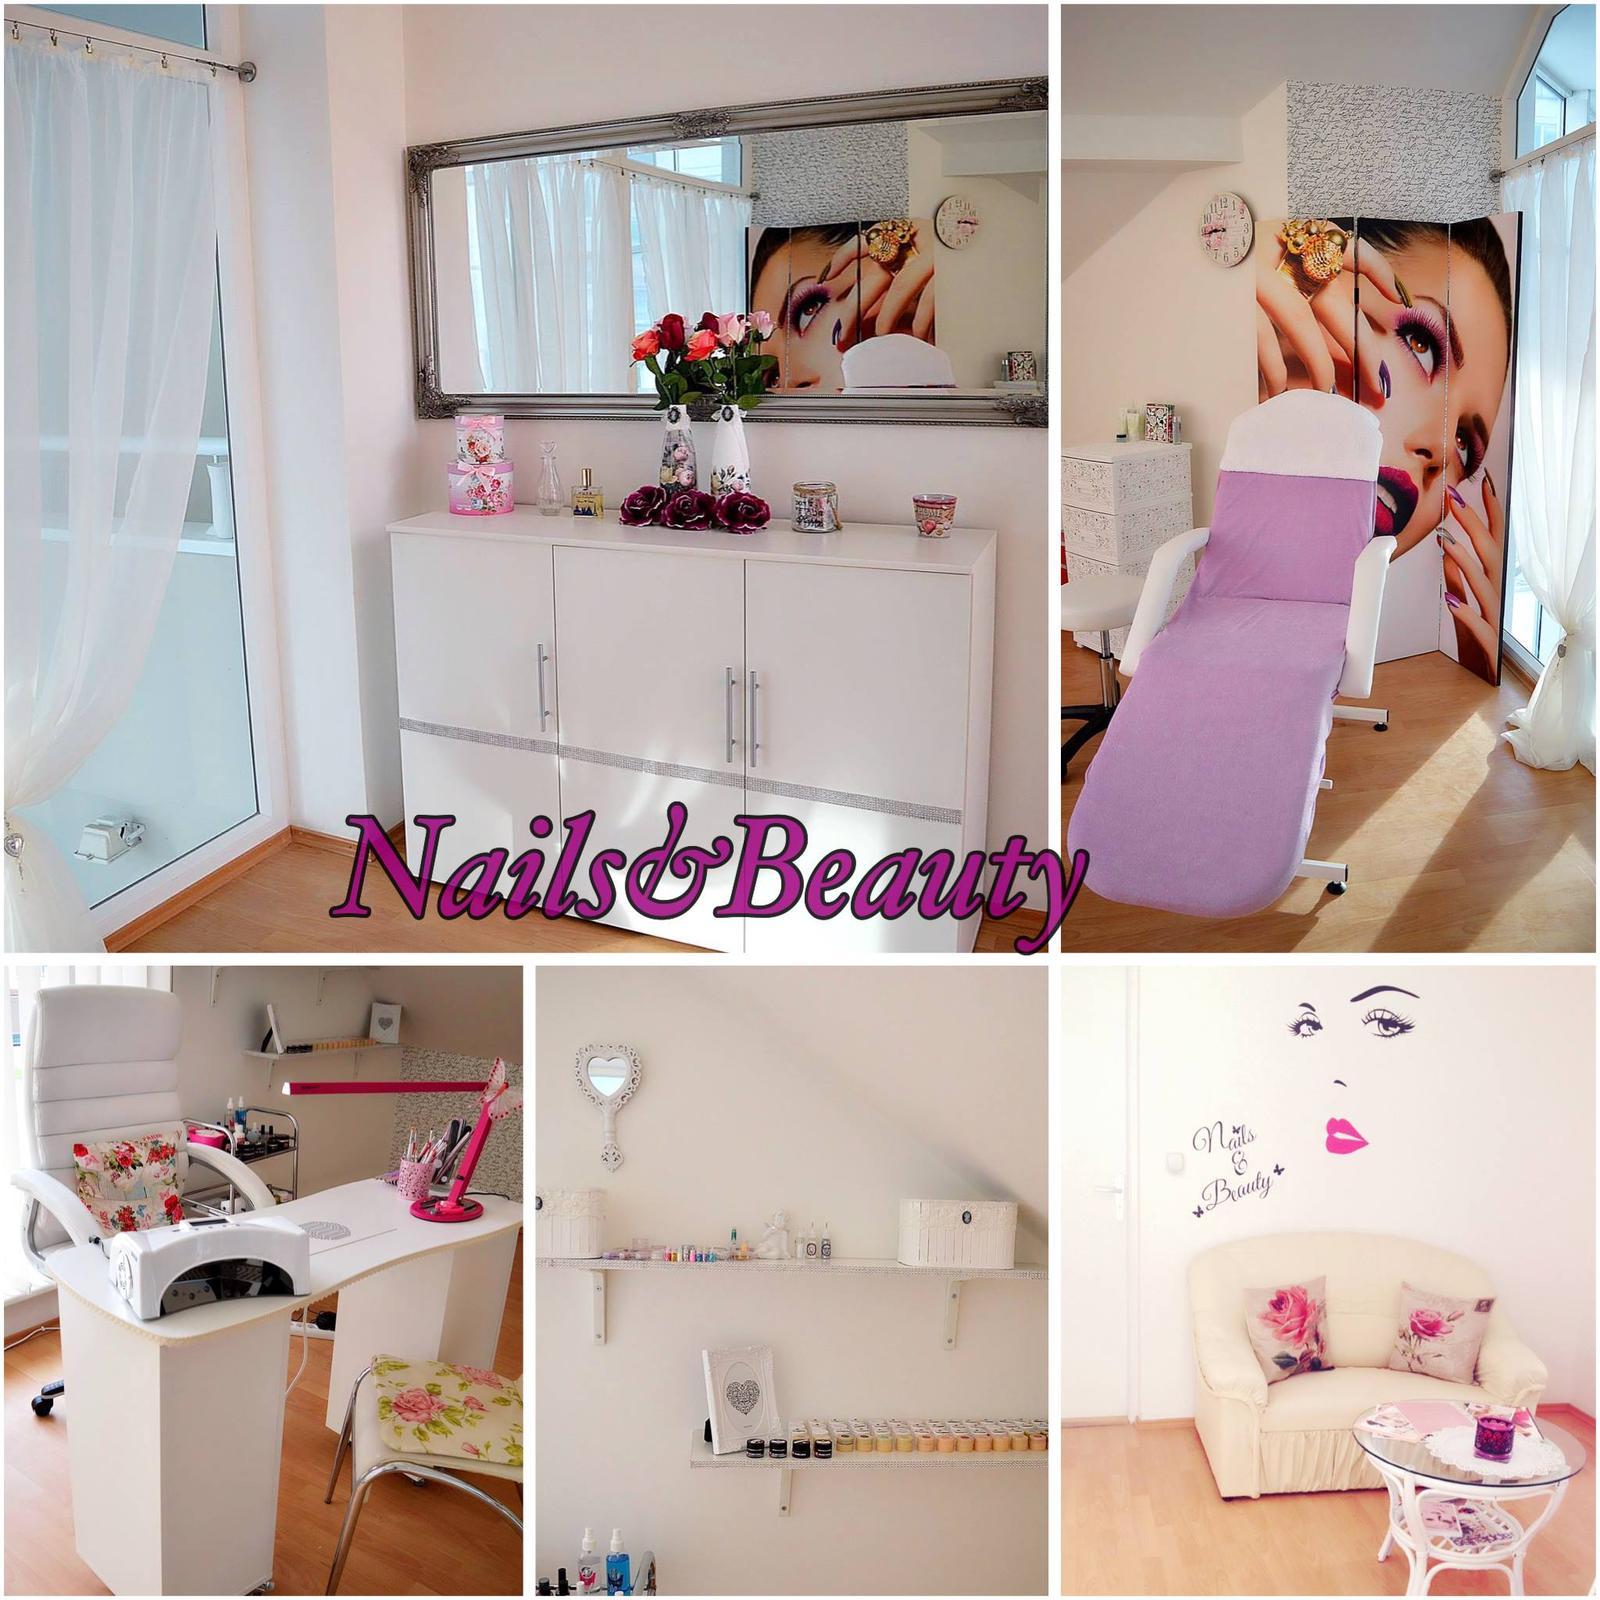 Plánovanie toho nášho najkrajšieho DŇA  :-) - Nicolette Nails&Beauty Salon, je skvelý salónik kde Vás nalíčia na nespoznanie. Úžastné je, že pani robí aj nechtíky